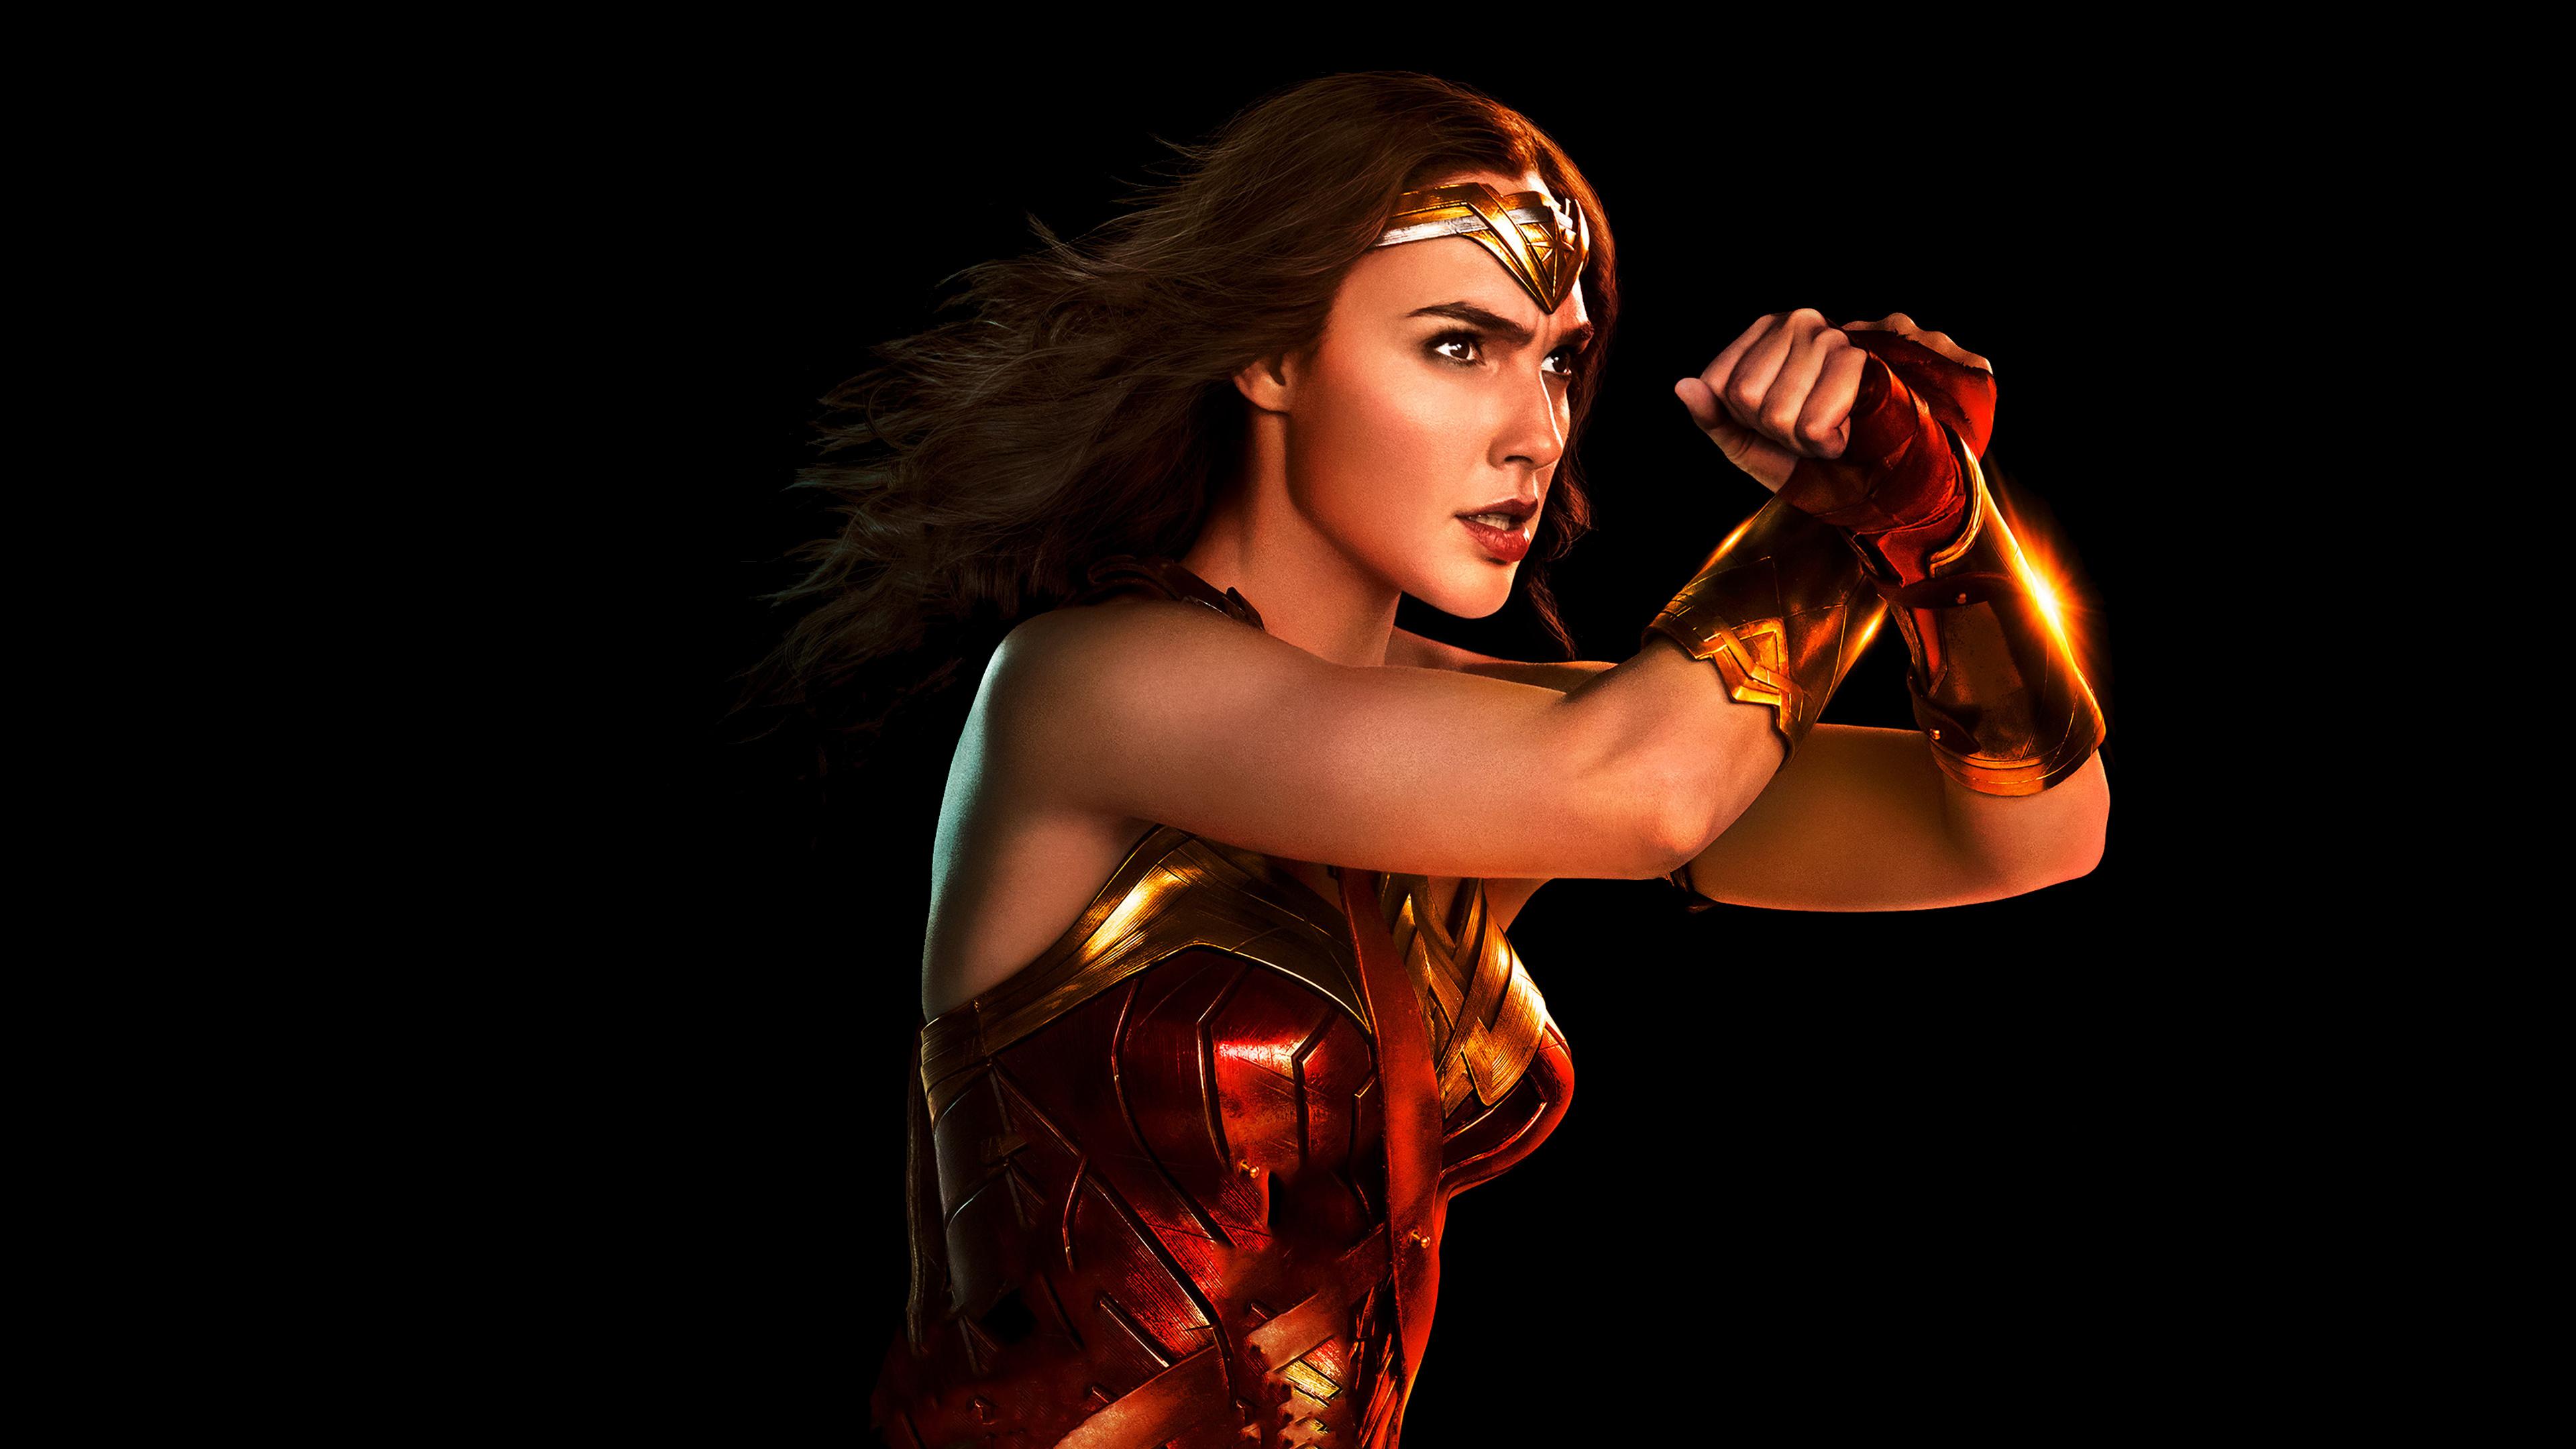 3840x2160 Wonder Woman Justice League 2017 4k 4k Hd 4k Wallpapers